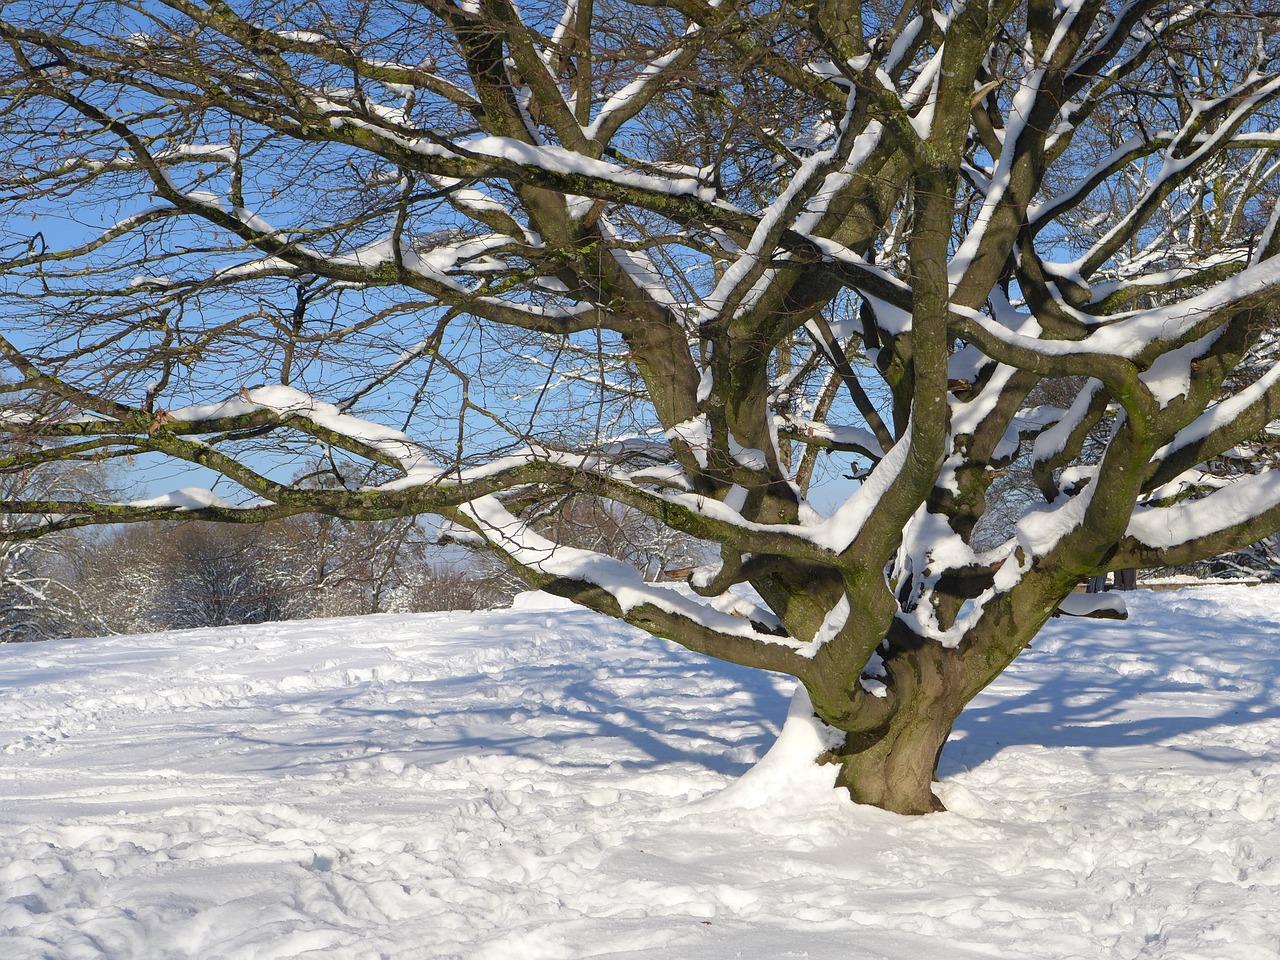 картинка дерево зимой без снега